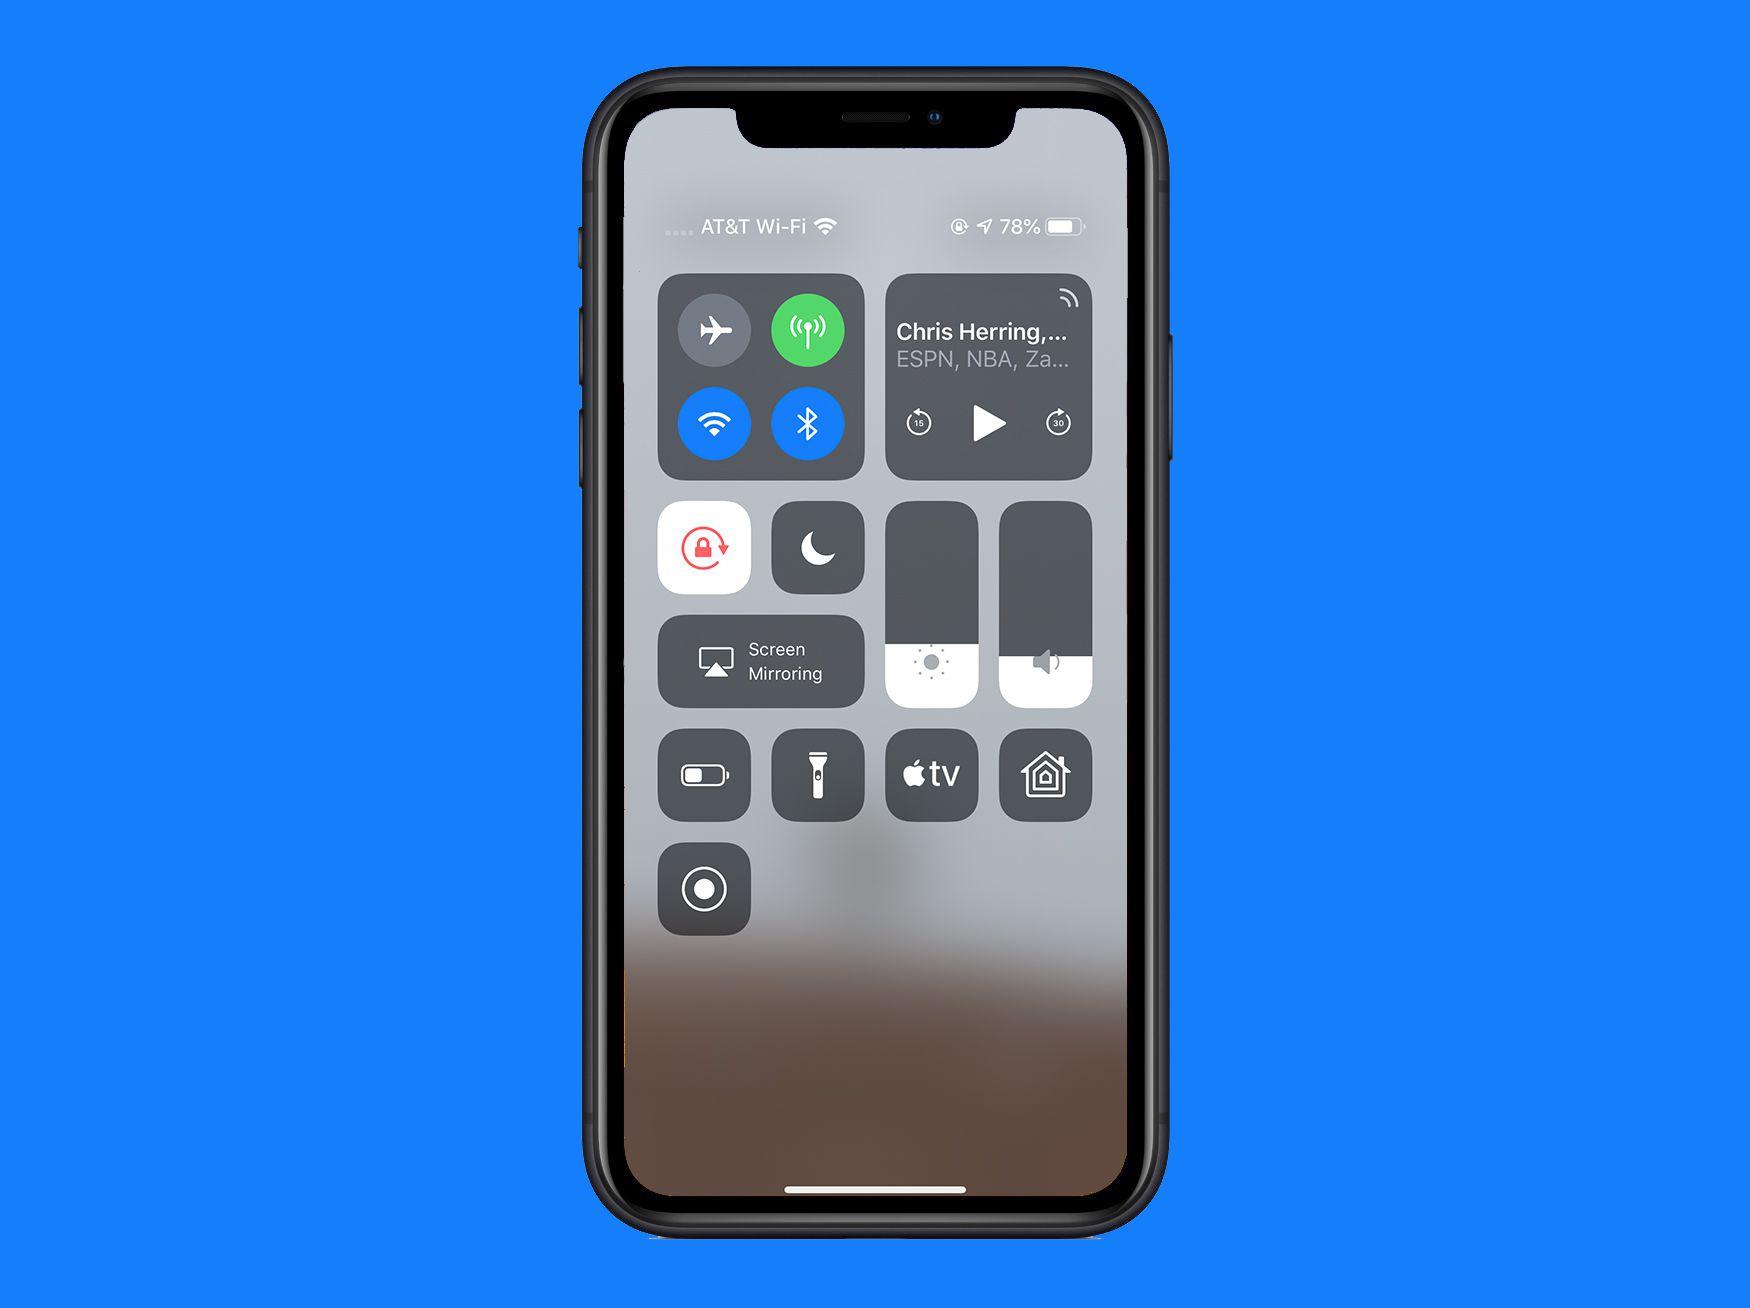 control center in iOS 12